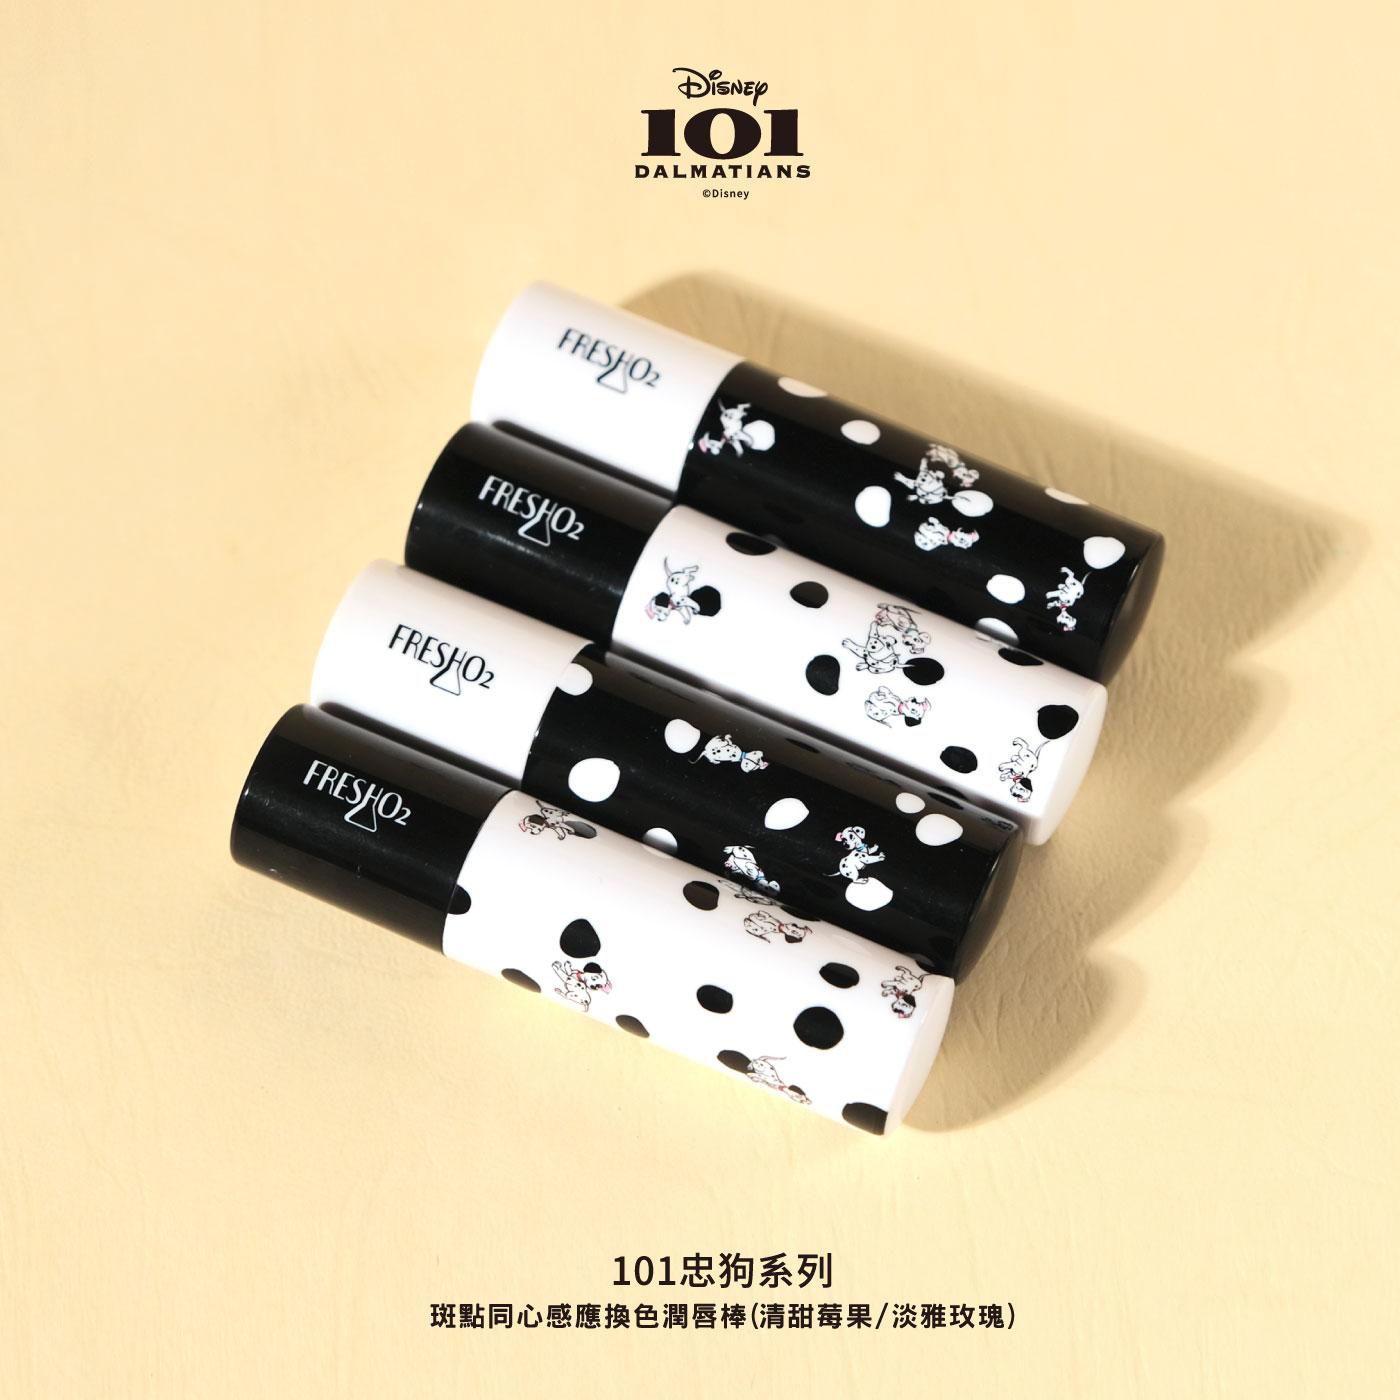 101忠狗系列 斑點同心感應換色潤唇棒雙入組